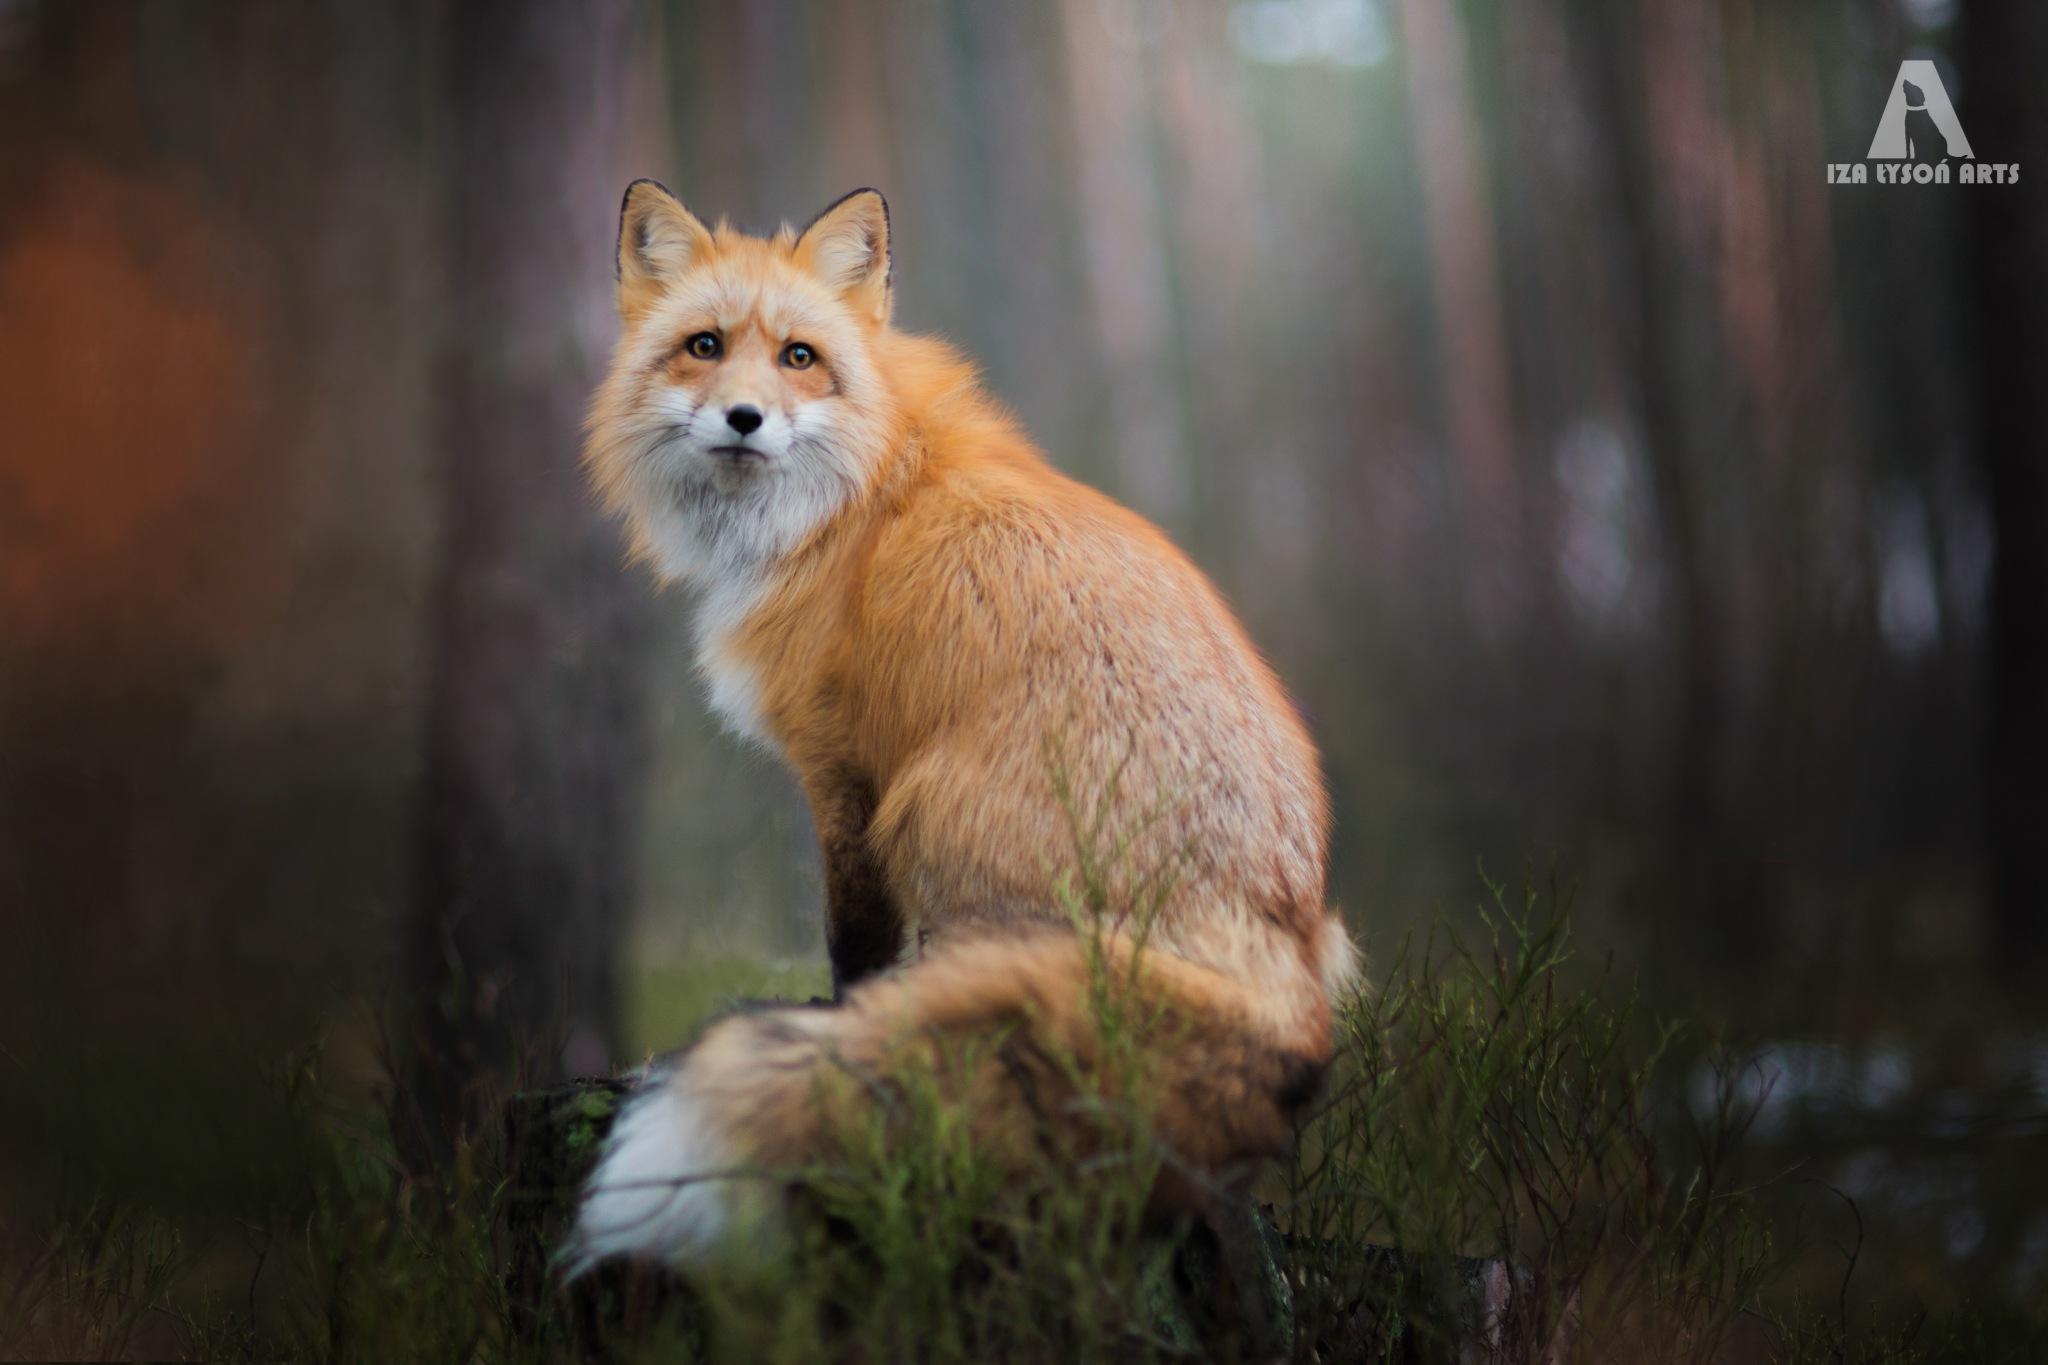 Fox by IzaLyson